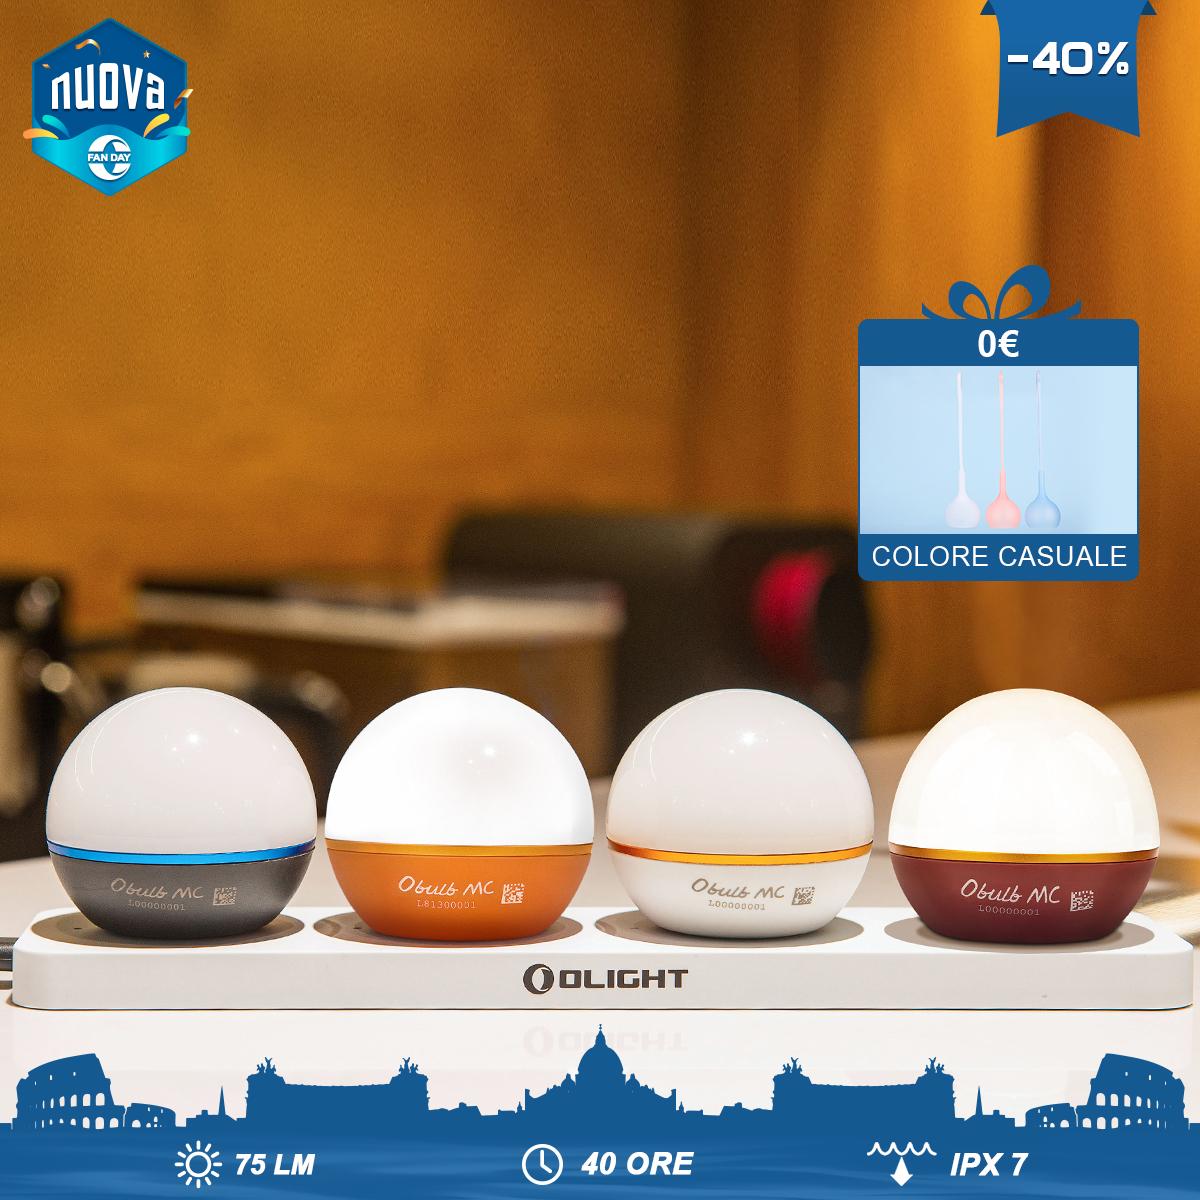 Olight Nuova Obulb MC - 4 colori in 1 pacchetto